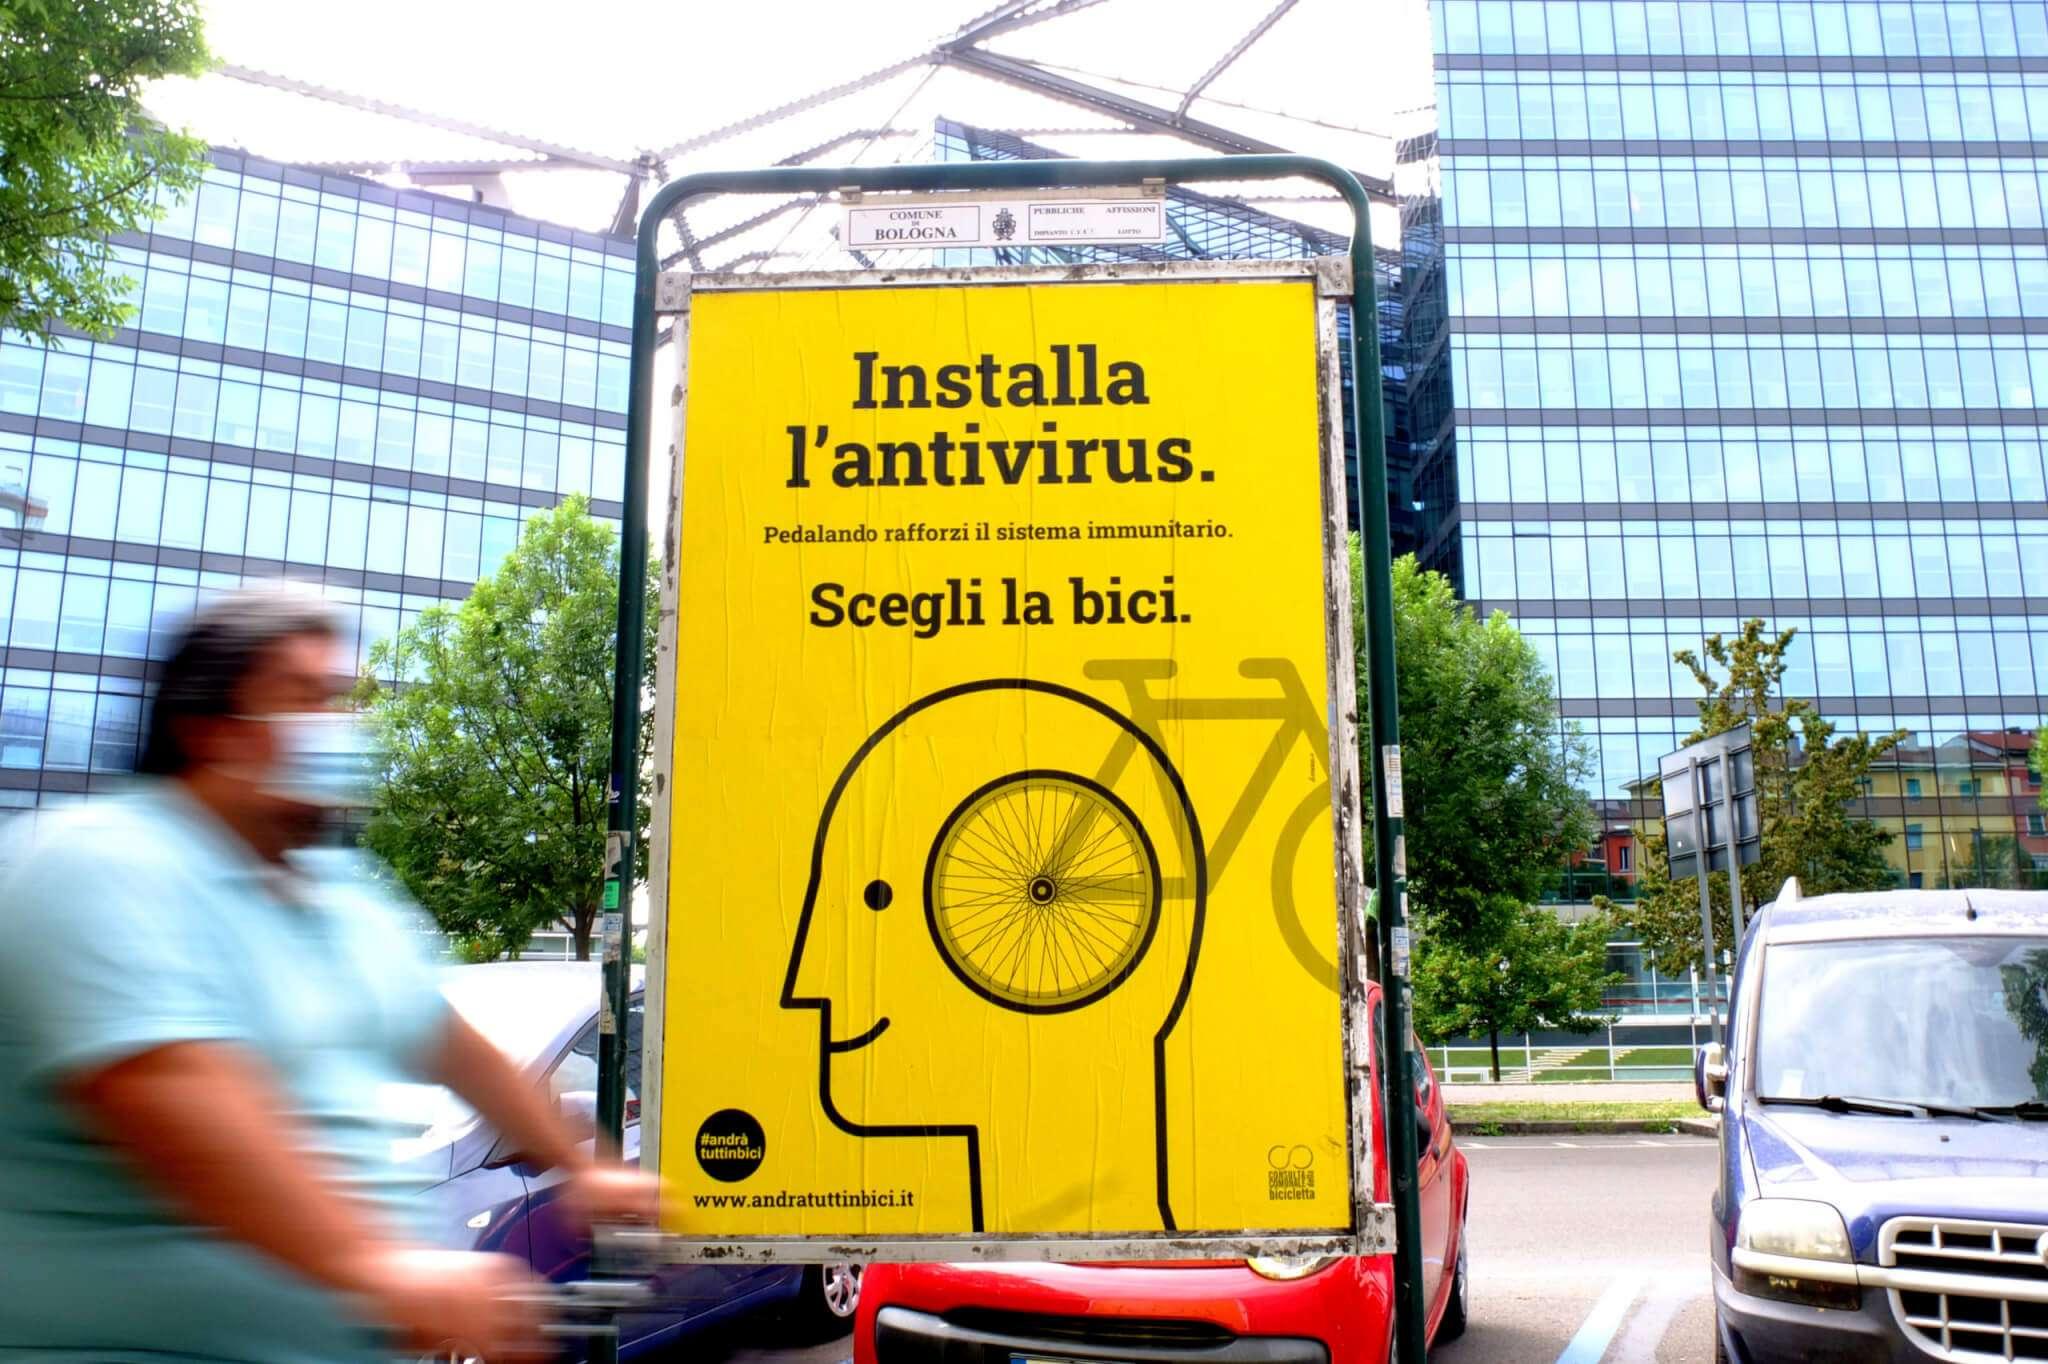 Con un crowdfunding e più di 400 donatori sulle strade di Bologna compaiono i manifesti gialli di Andràtuttinbici, che verrà adottata da altre 14 città italiane nel corso dell'anno. Foto di Roberto Tomesani